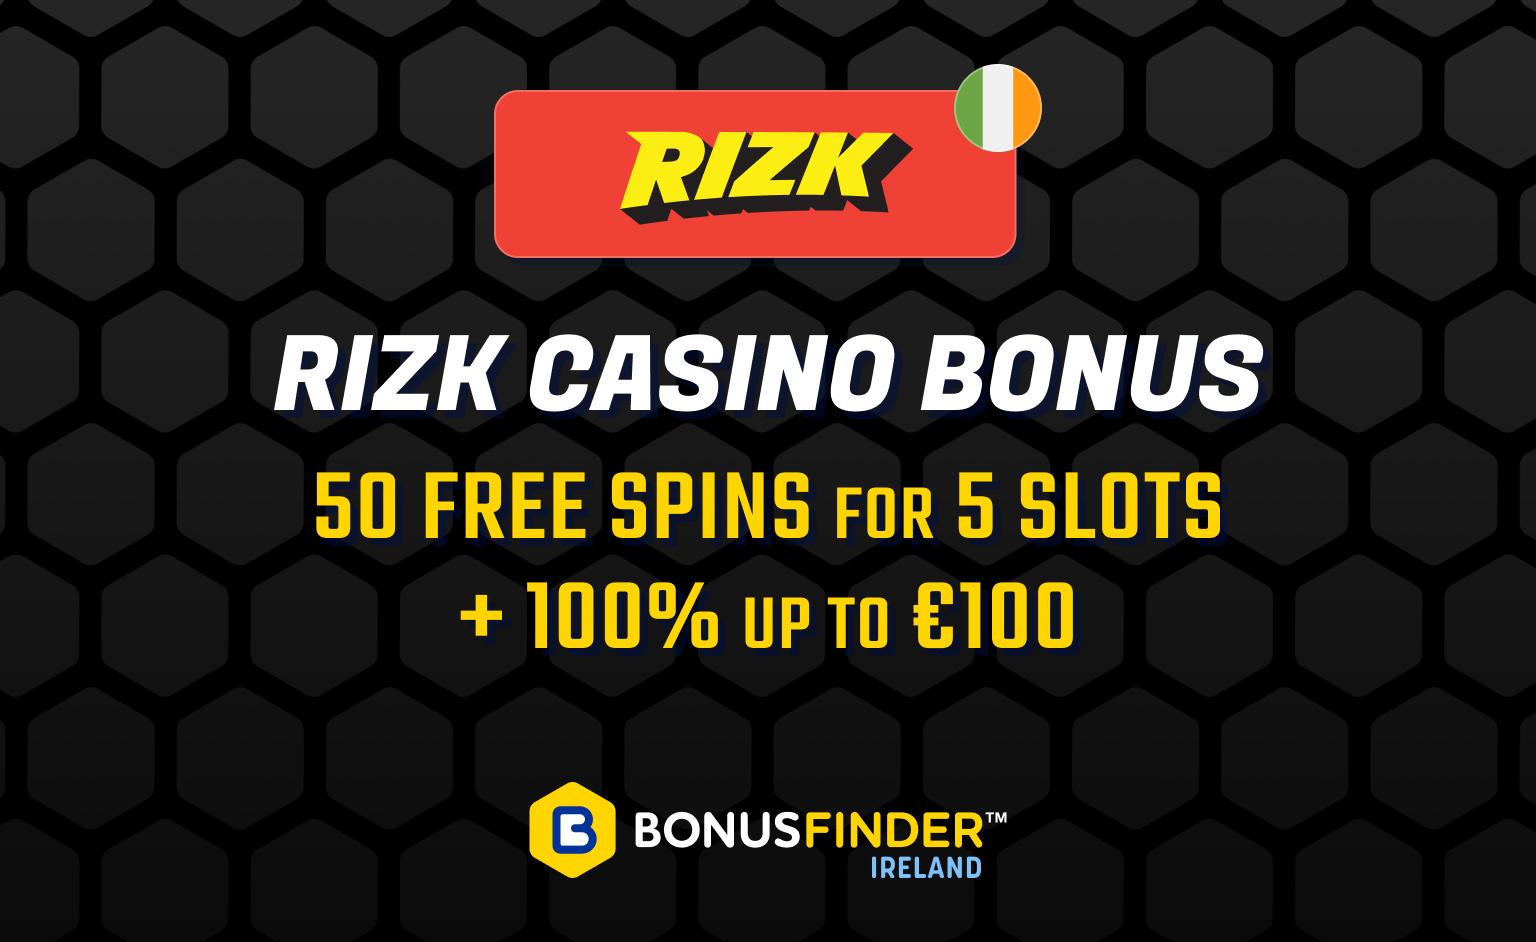 rizk welcome bonus